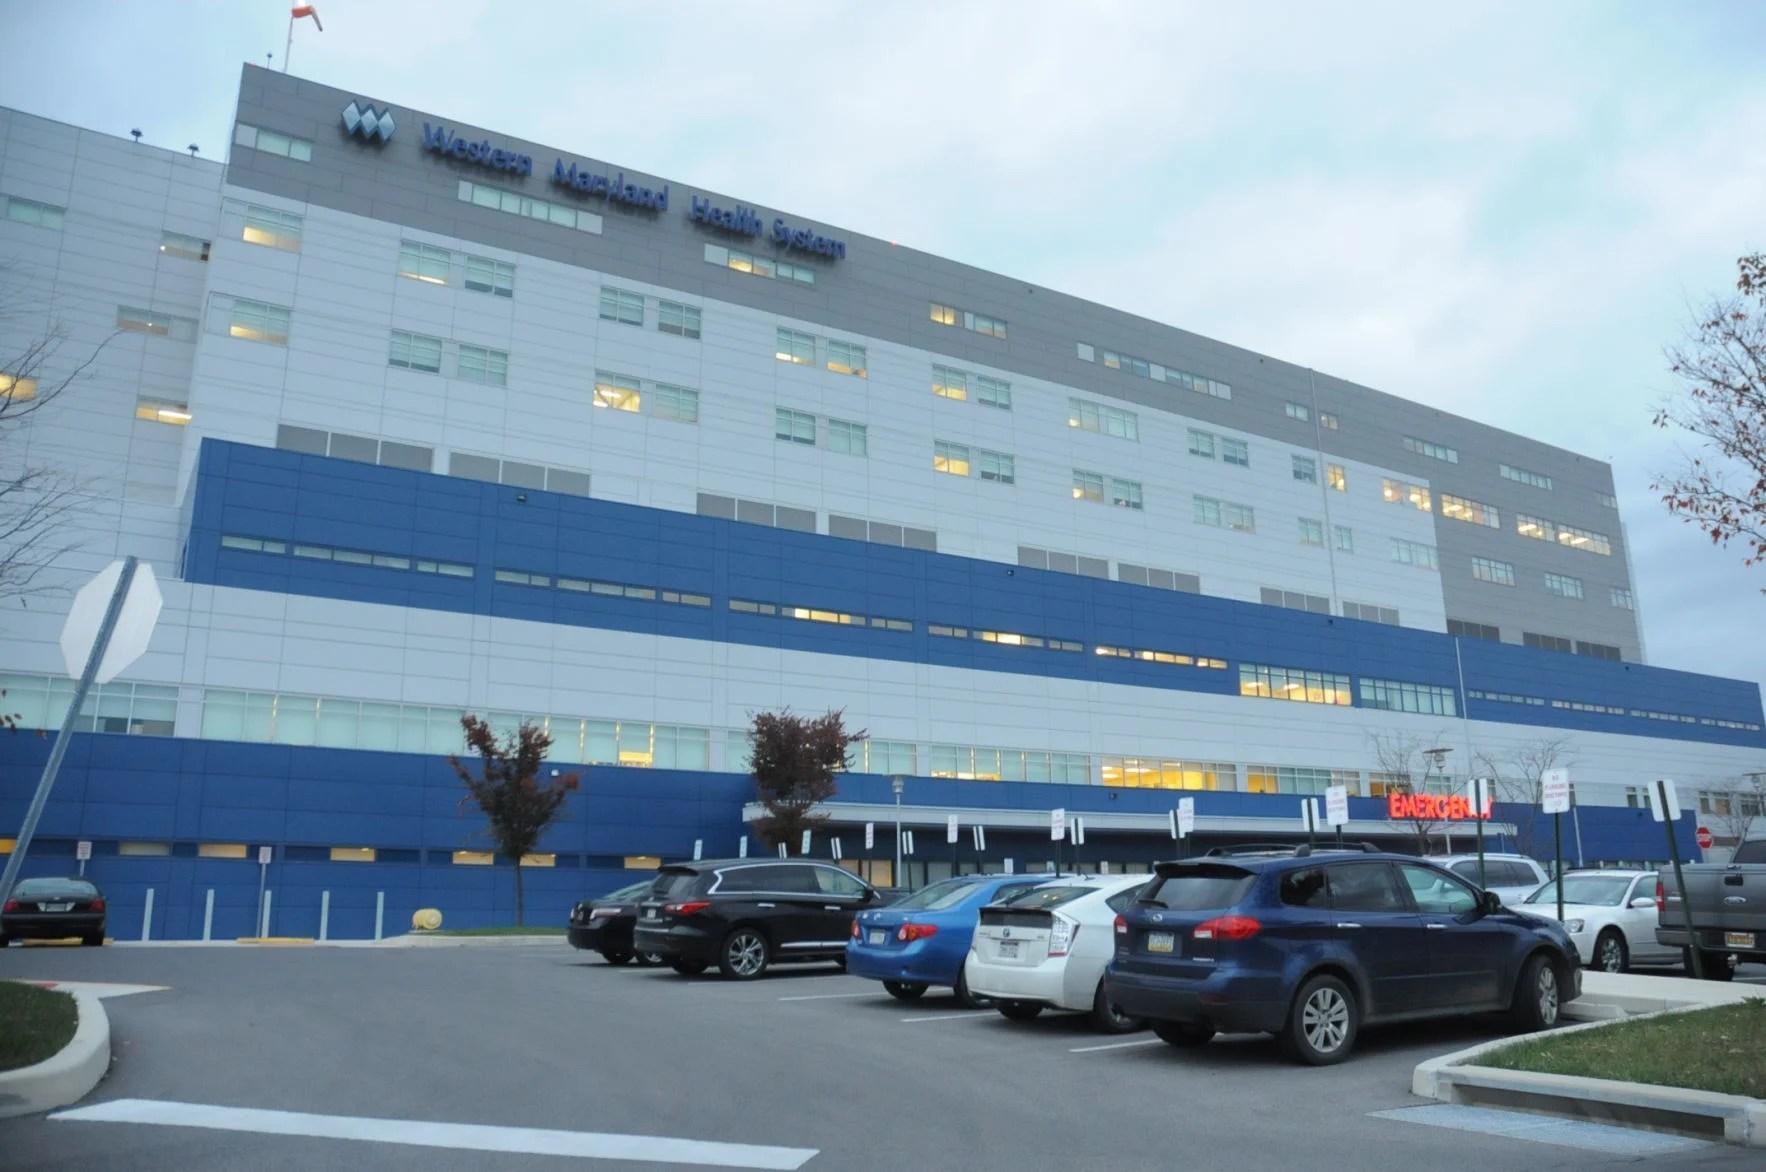 Fullsize Of Western Building Center